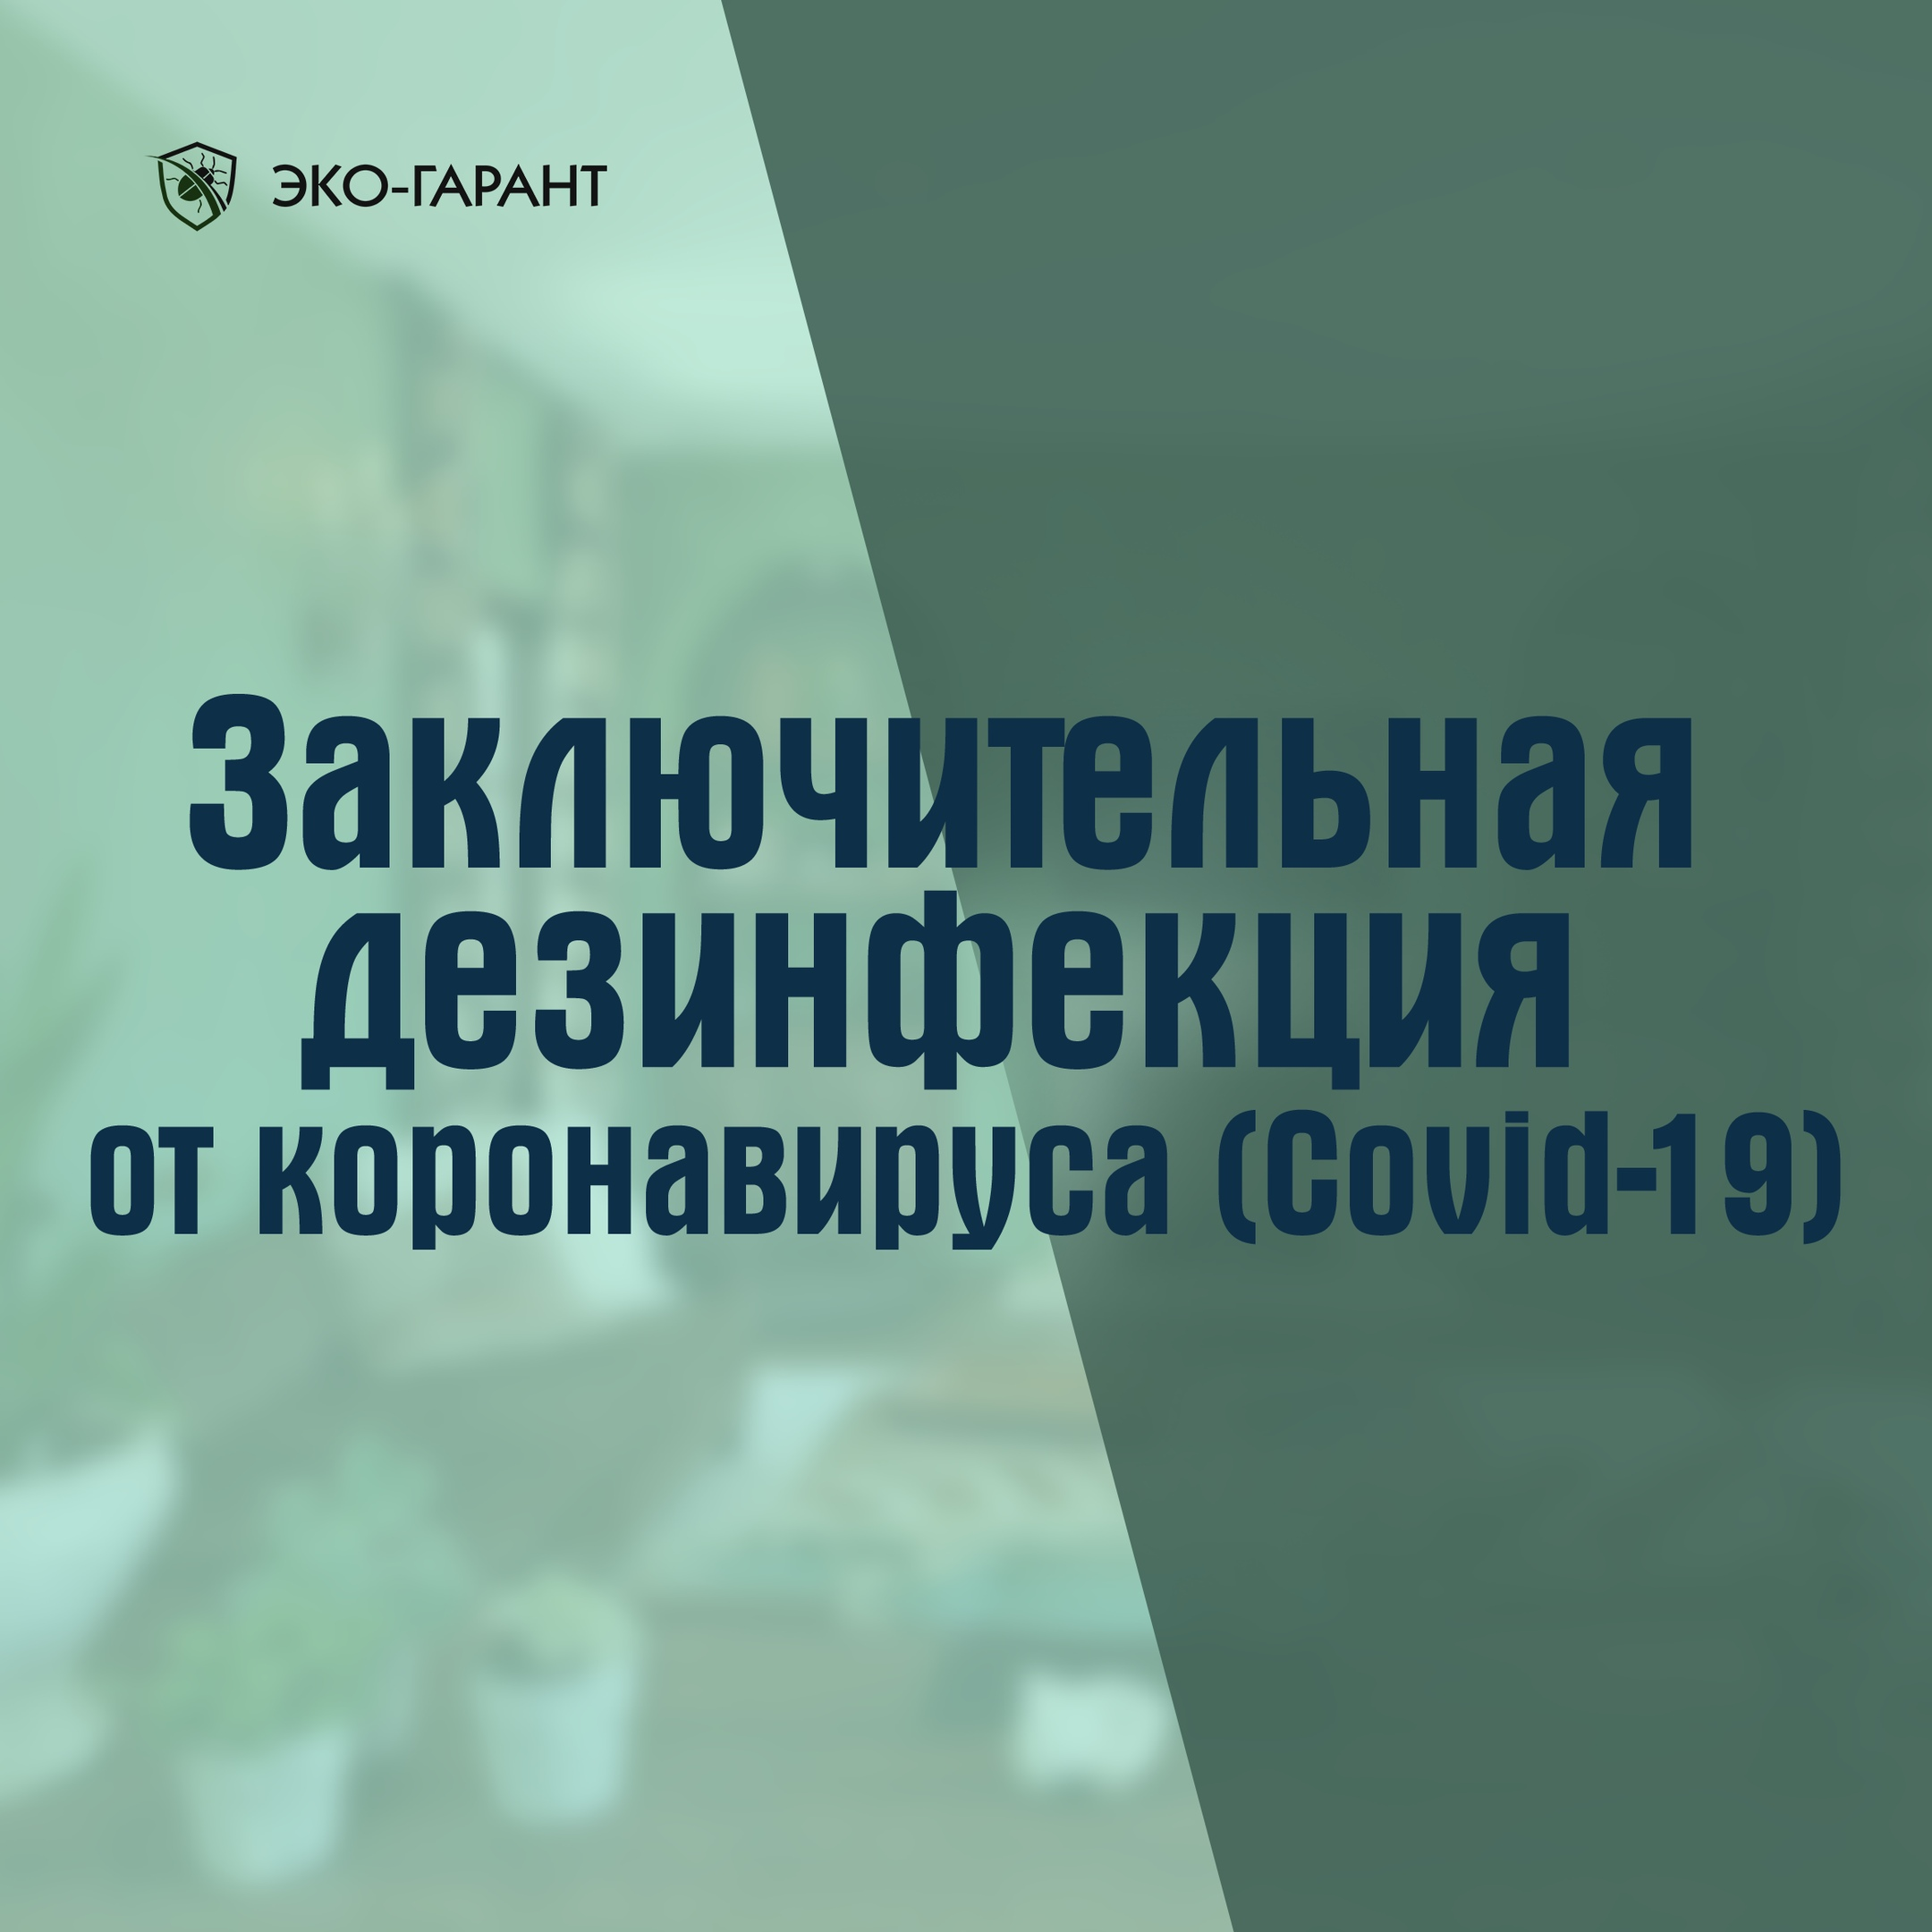 Заключительная дезинфекция помещений от COVID-19